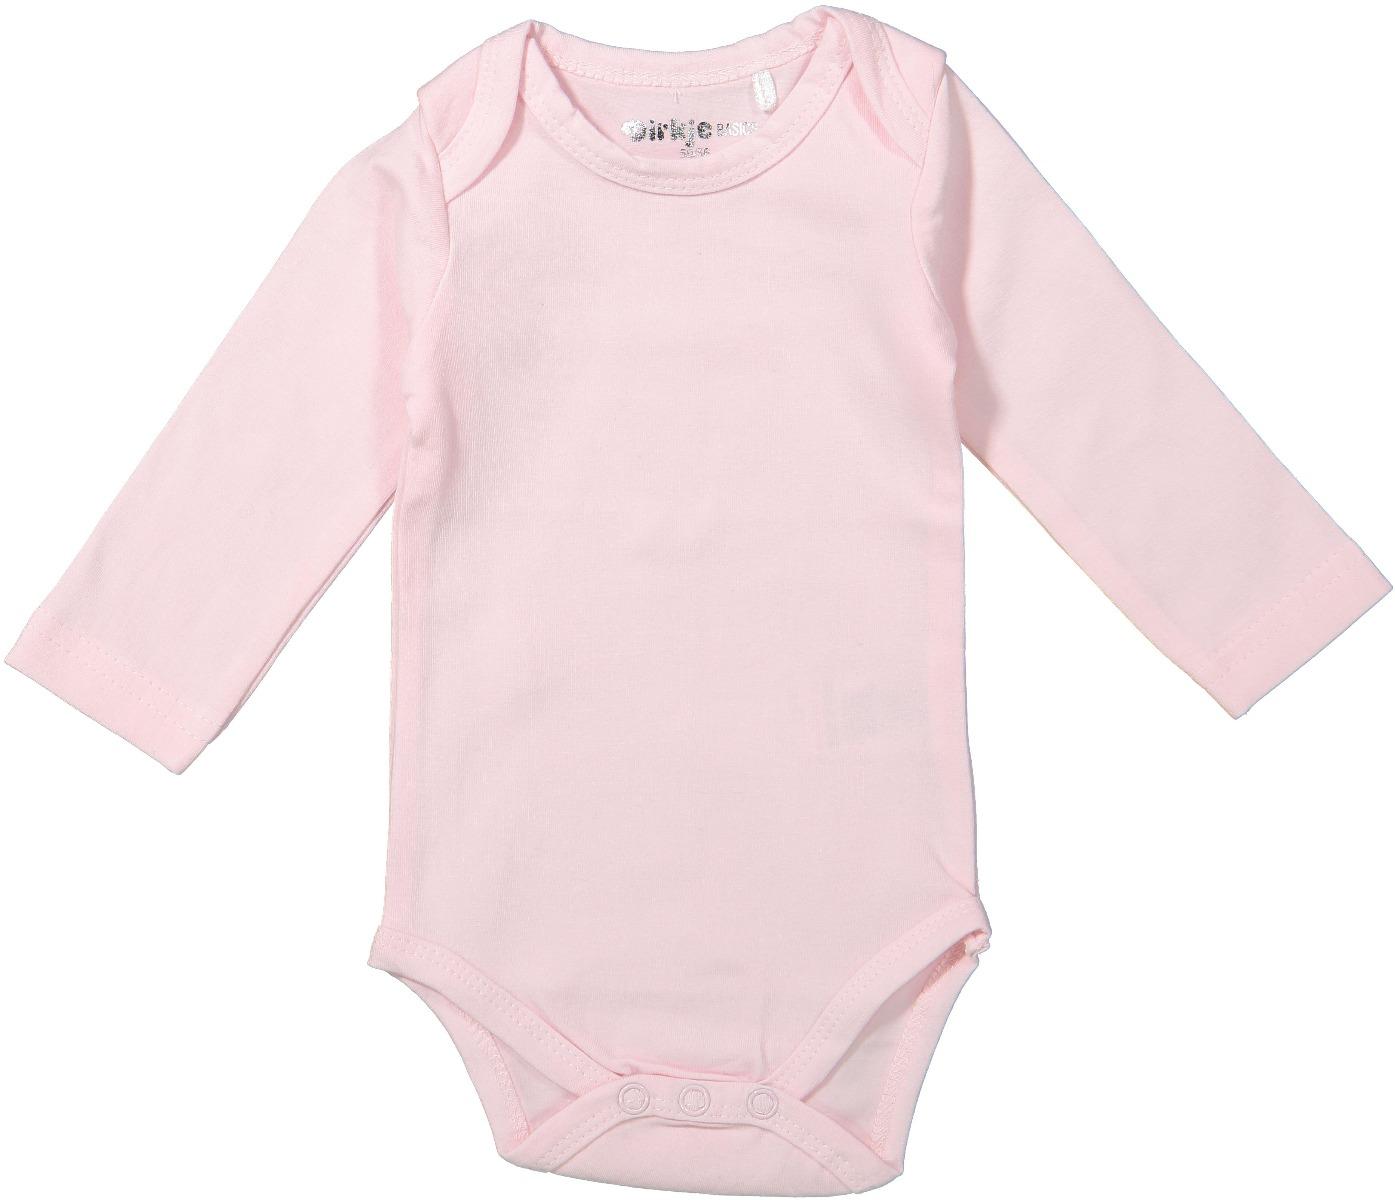 Body bebe cu maneca lunga Dirkje, Roz imagine